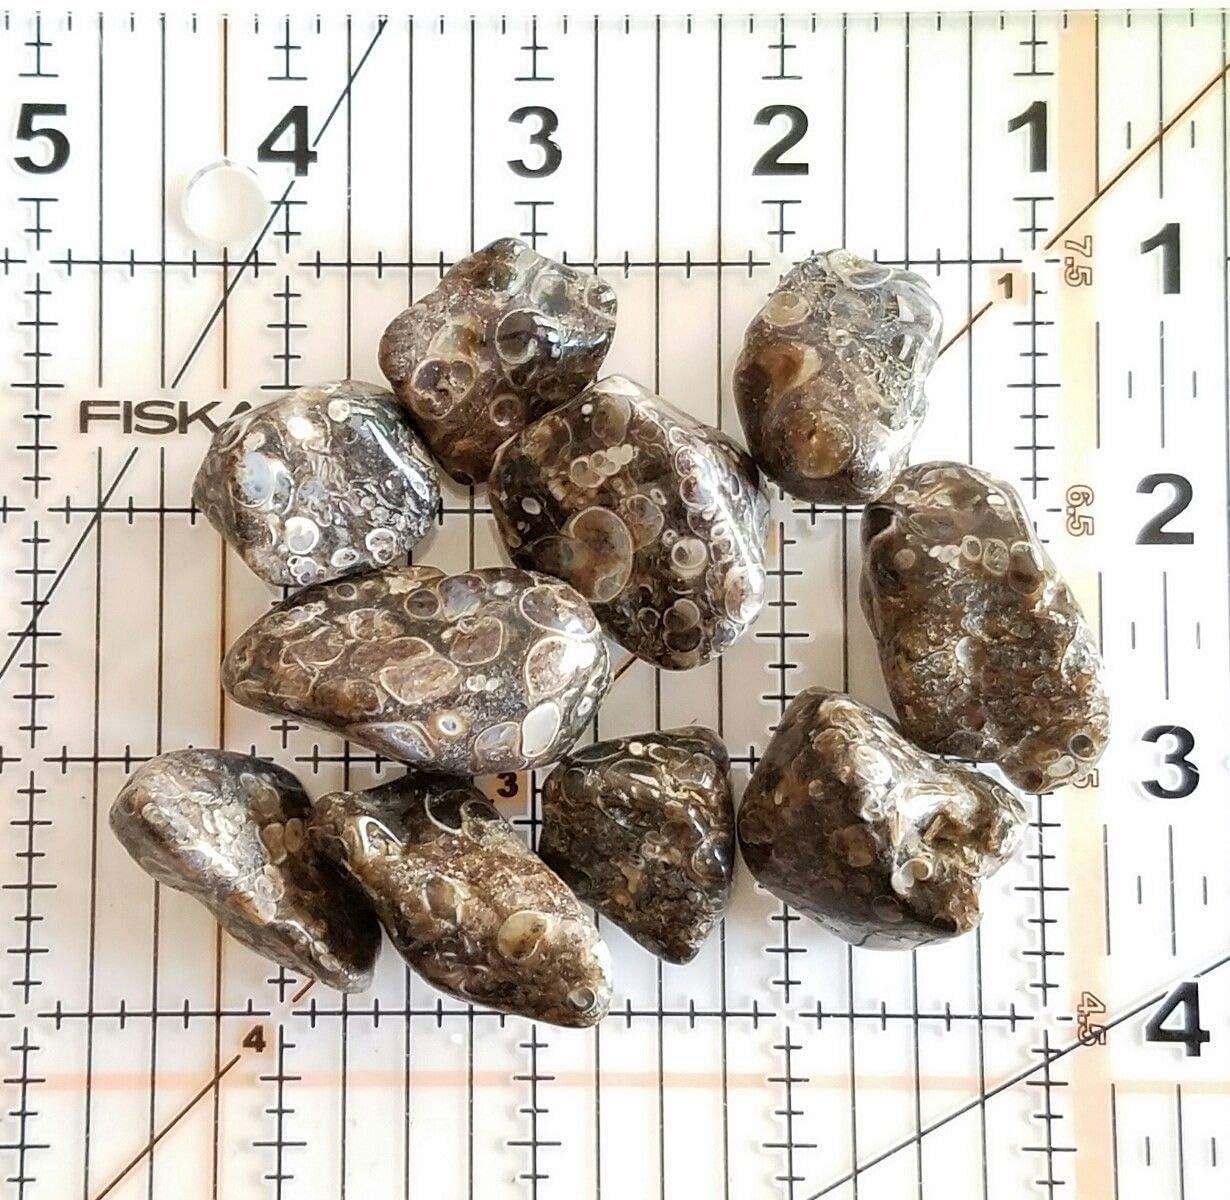 16-20 pcs Turritella Elimia Agate Tumbled 1//2 lb bulk stones